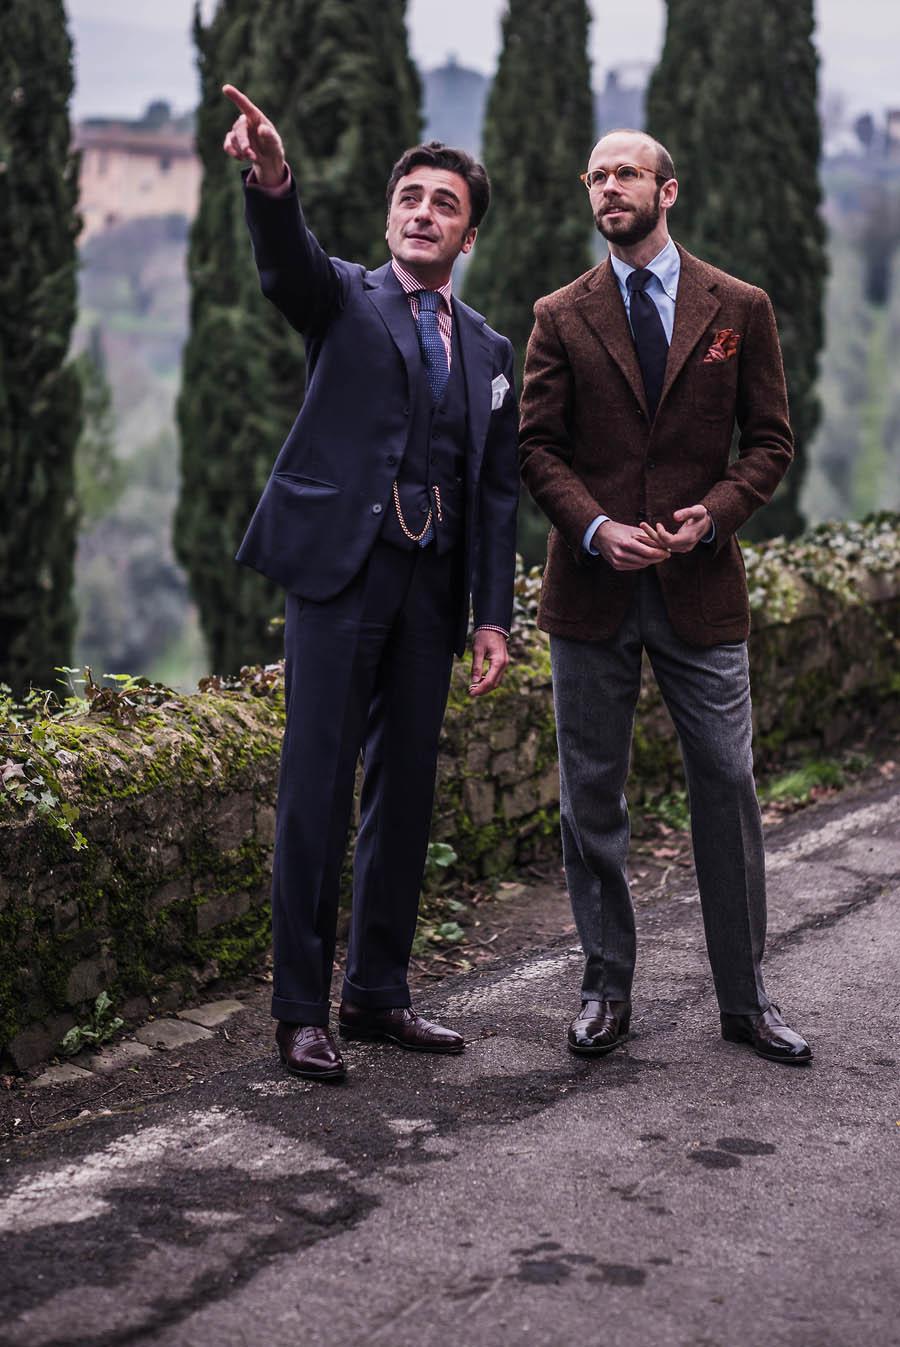 Simon Crompton in his Satoria men in suits